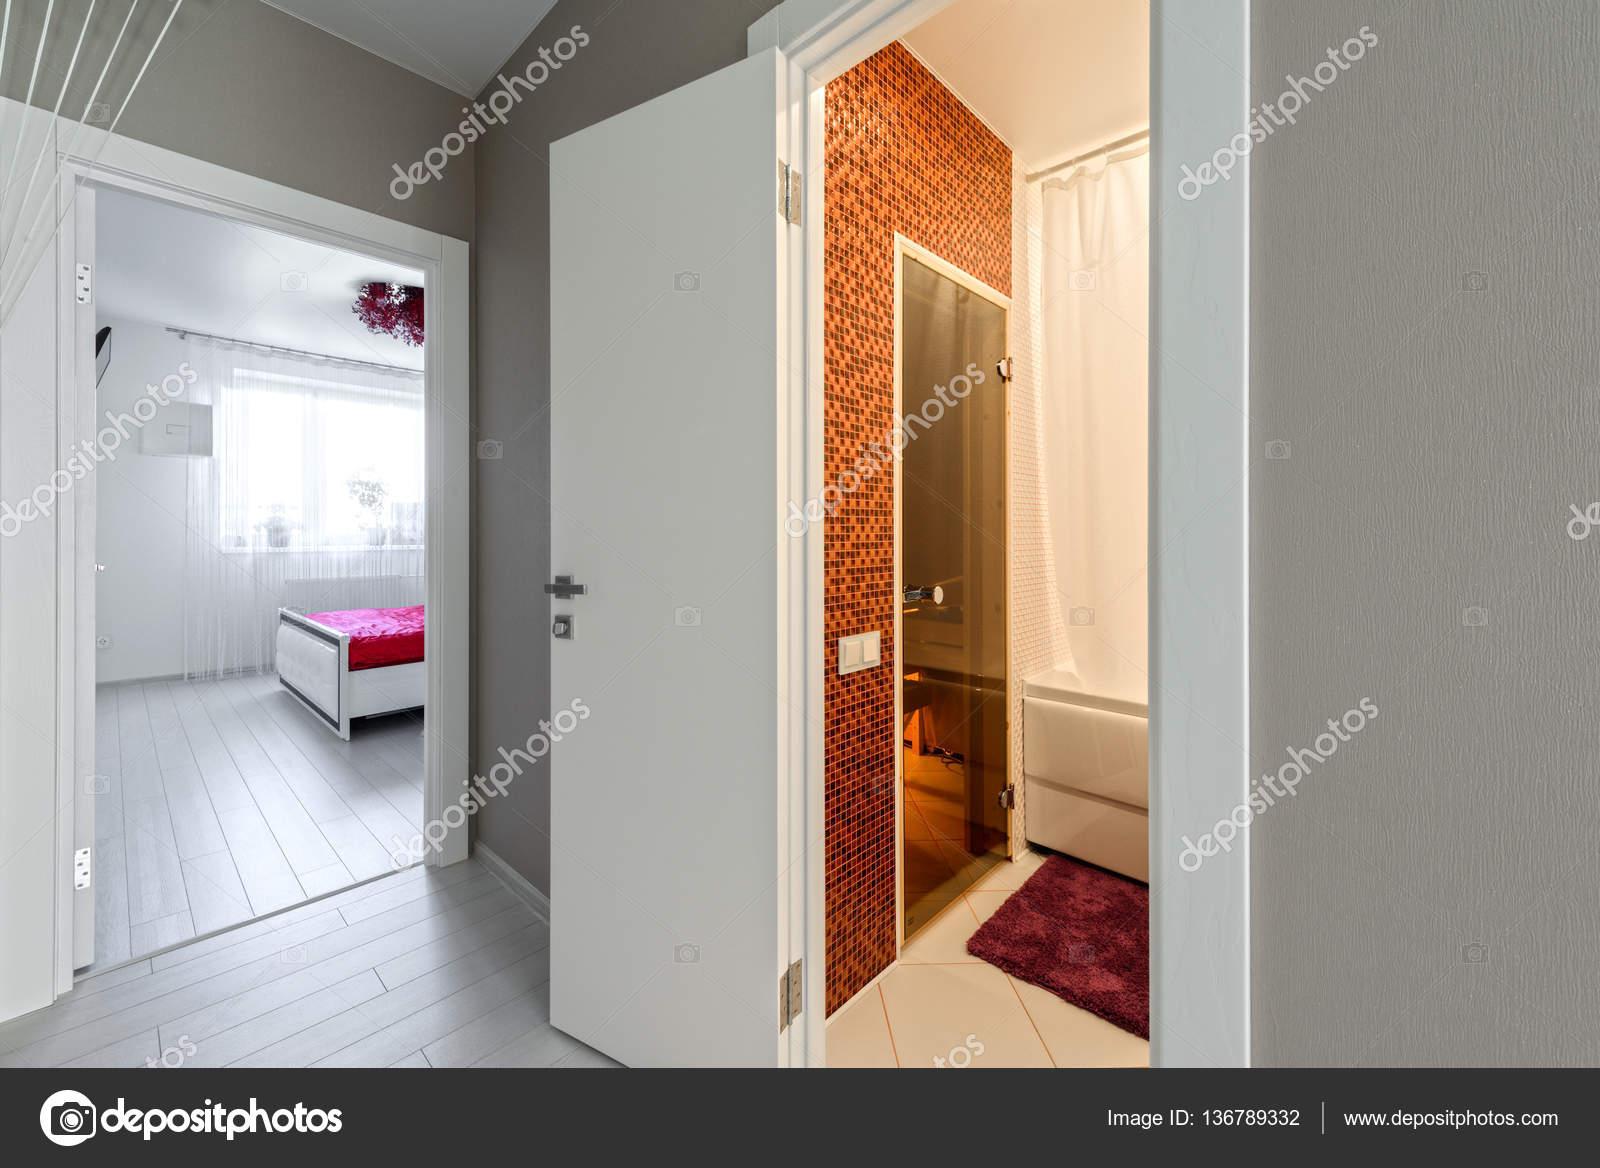 Interieur gang modern appartement met uitzicht op de badkamer en